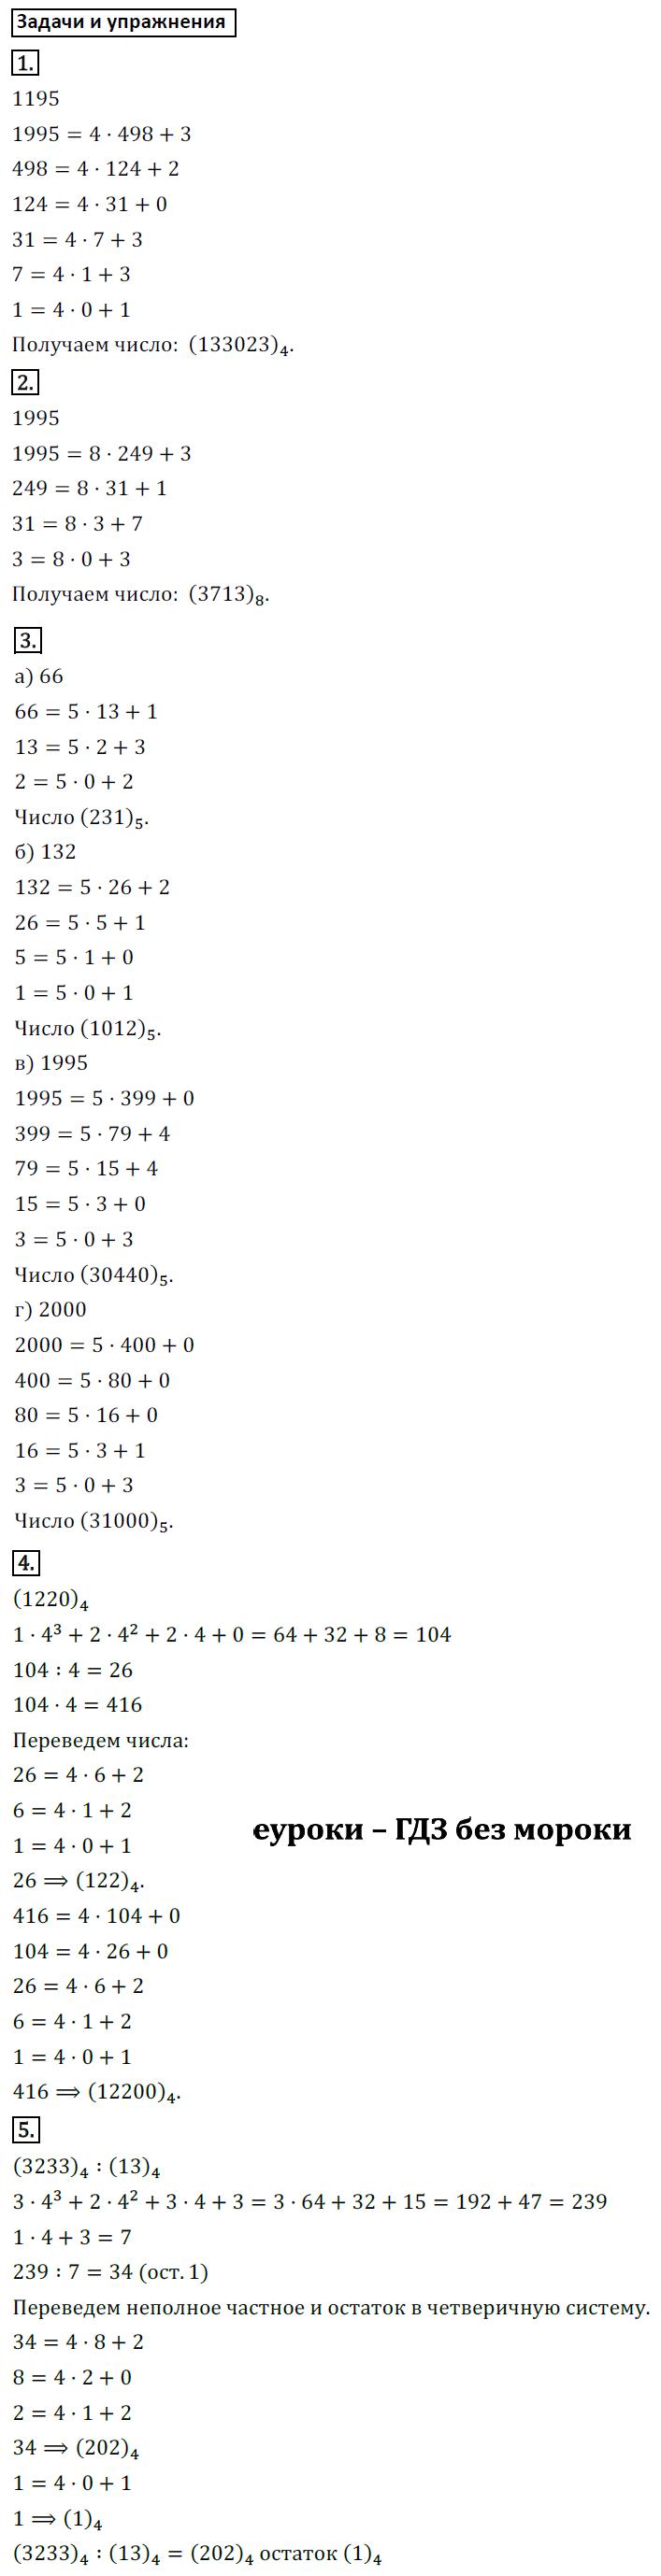 ГДЗ по математике 5 класс Козлов, Никитин Русское Слово ответы и решения онлайн Глава 9. Деление натуральных чисел, §6. Запись чисел не в десятичной системе счисления. Задание: Задачи и упражнения